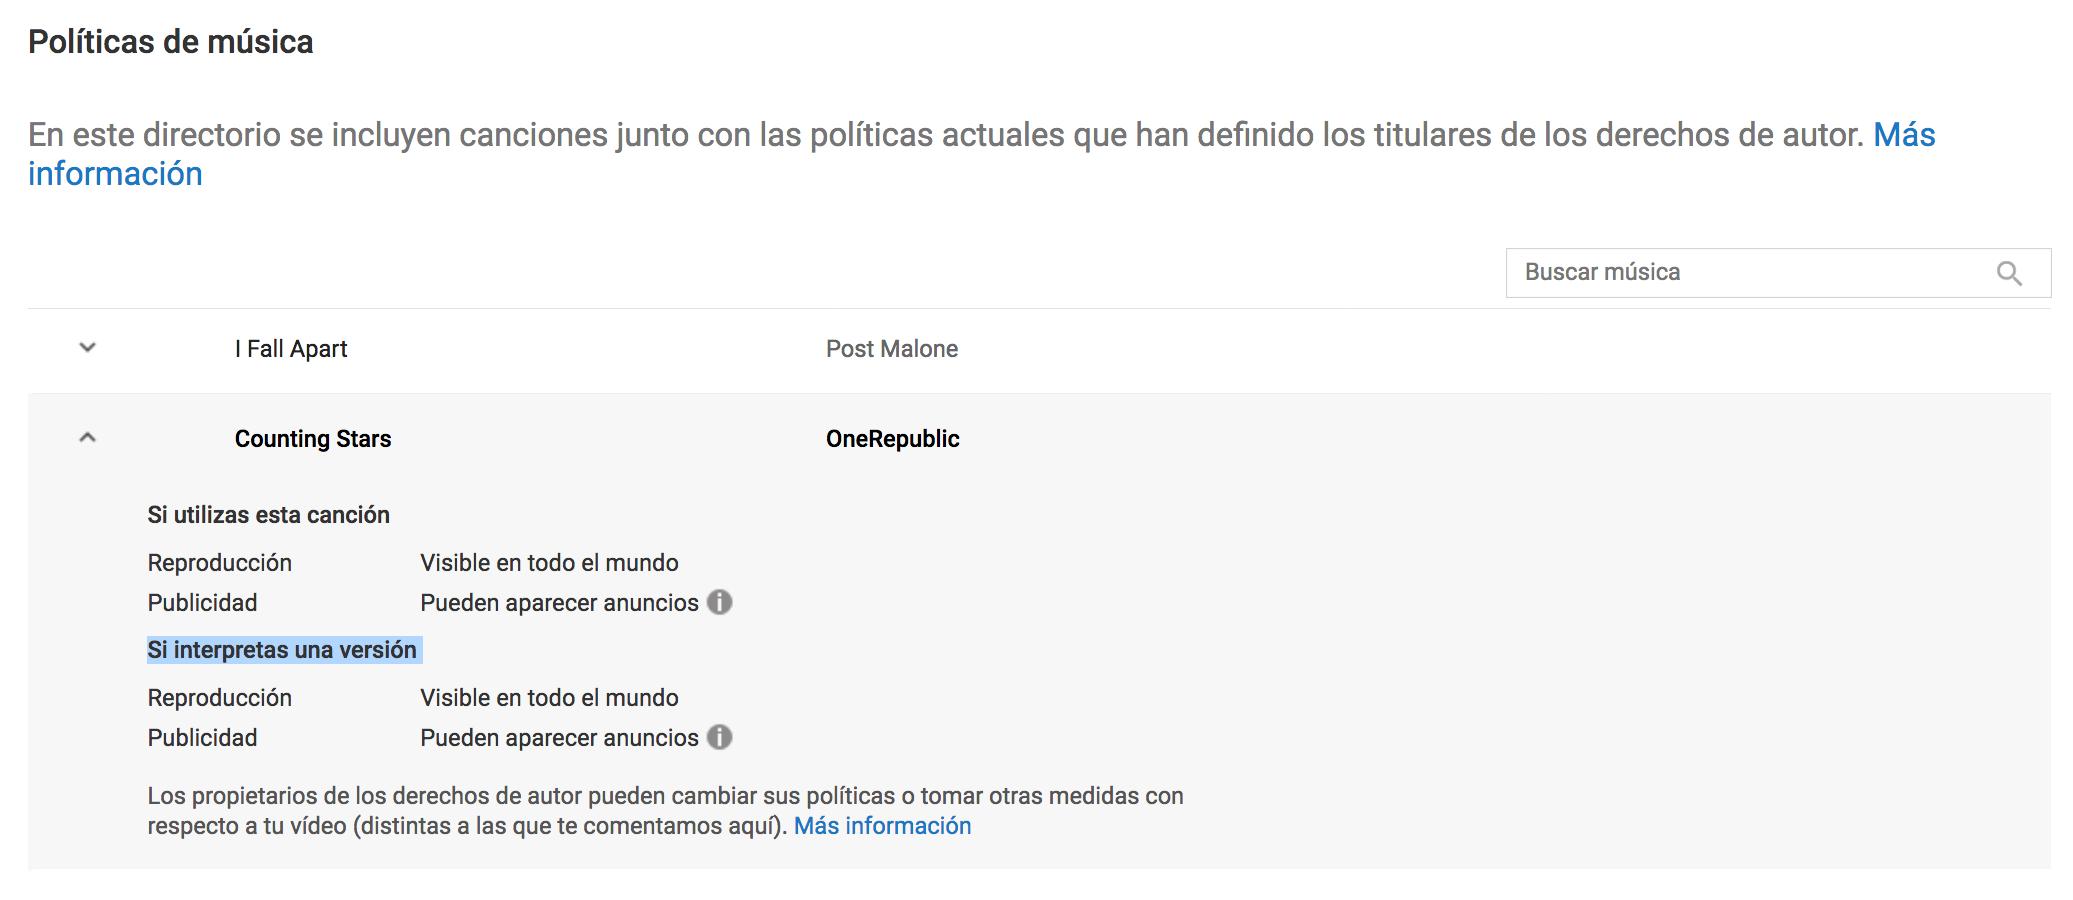 Cómo Poner Música A Un Vídeo De Youtube Sin Que Te Lo Borren Por Infringir El Copyright Nobbot